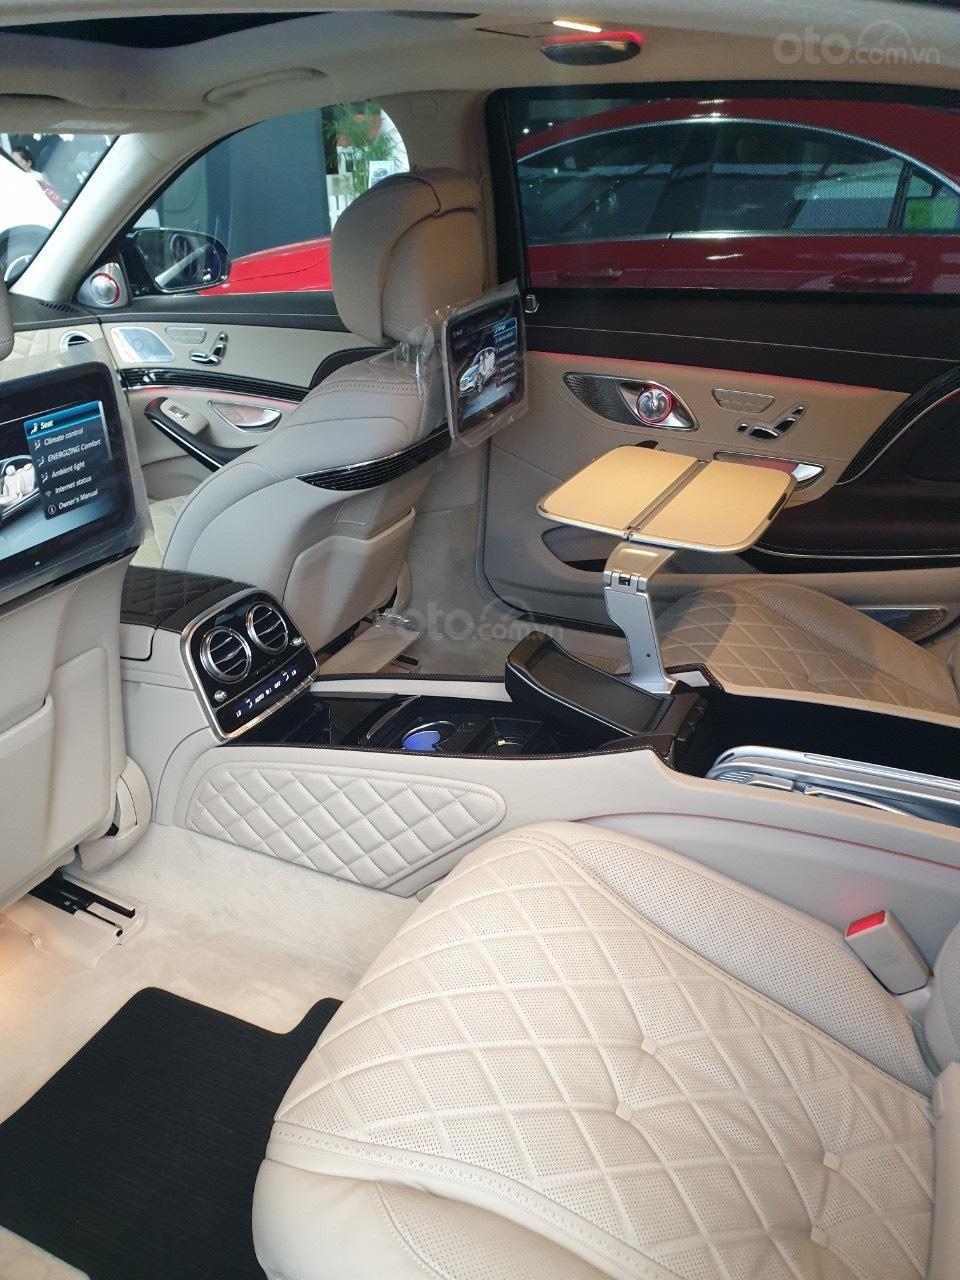 Bán Mercedes Maybach S560 hàng khủng, độc đáo đã về tới Showroom (9)